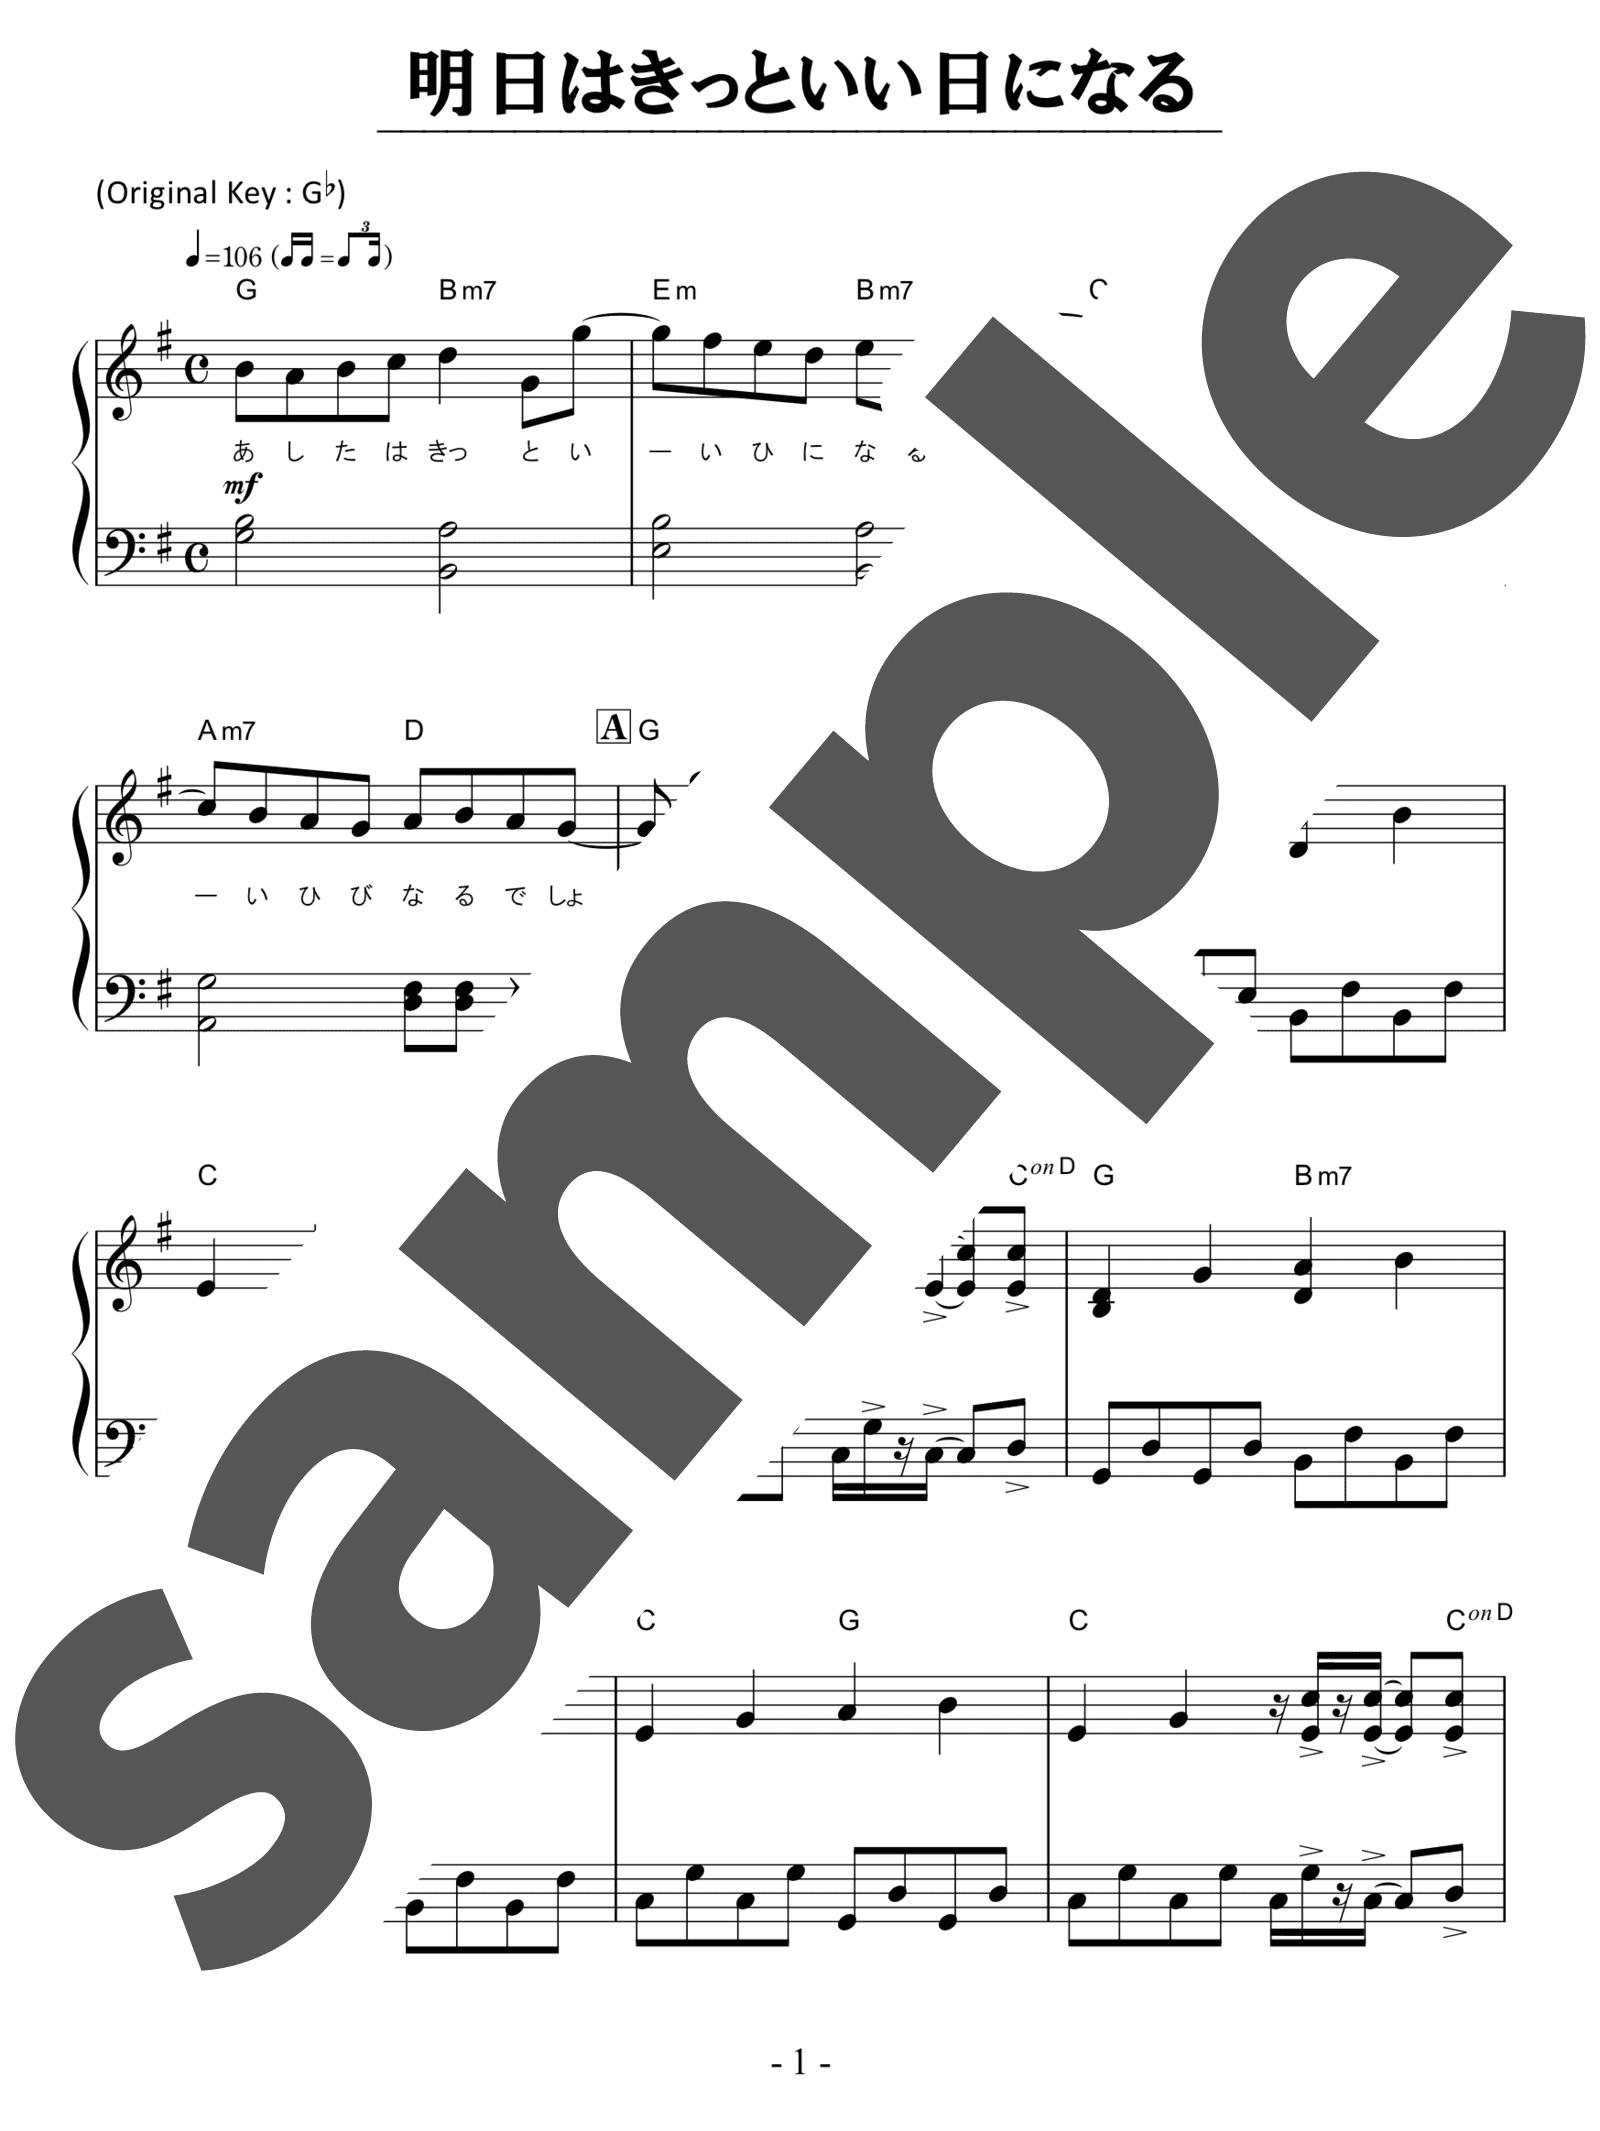 「明日はきっといい日になる」のサンプル楽譜